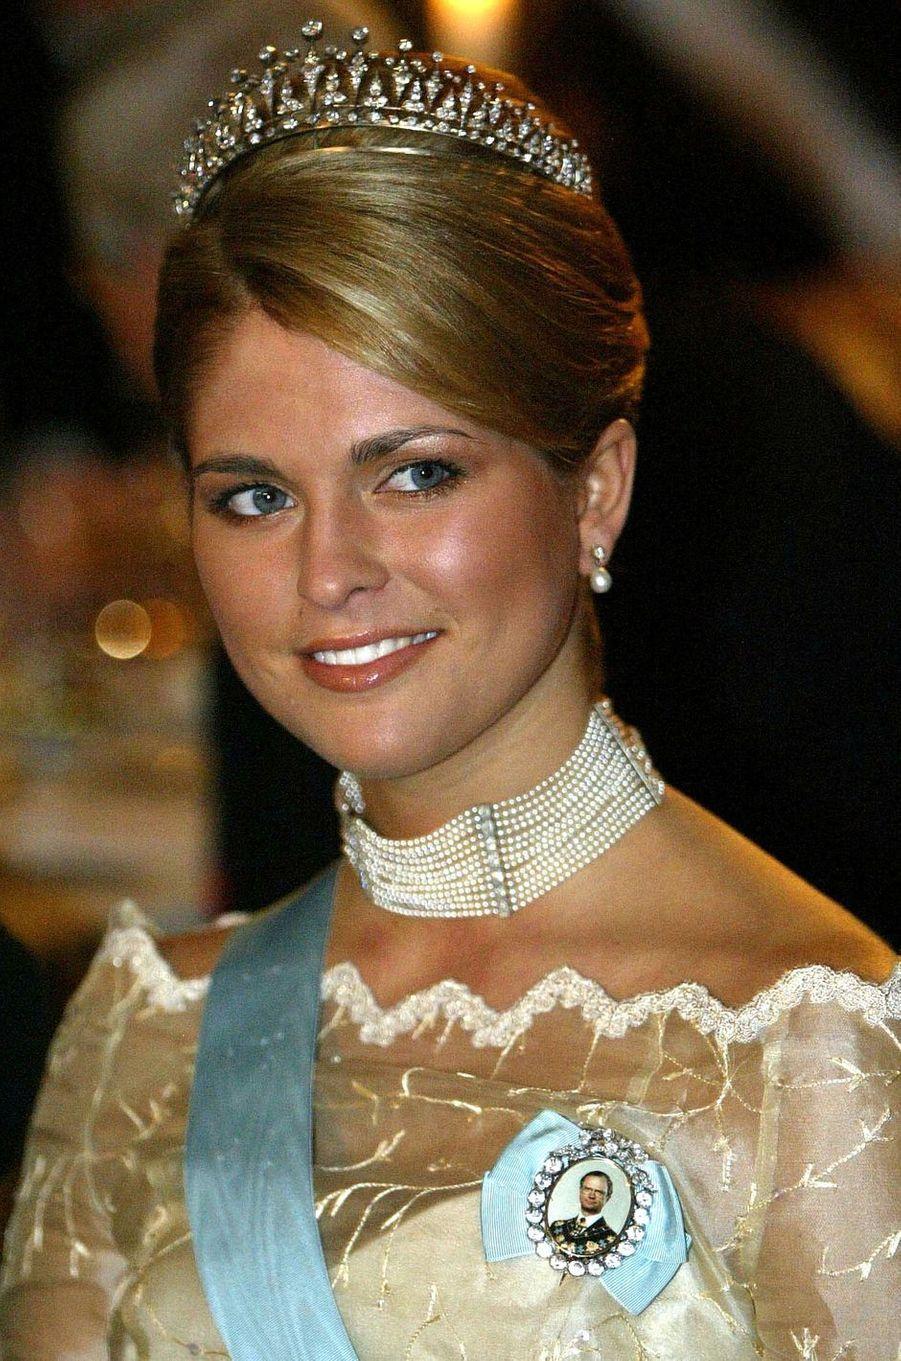 La princesse Madeleine de Suède, le 10 décembre 2003